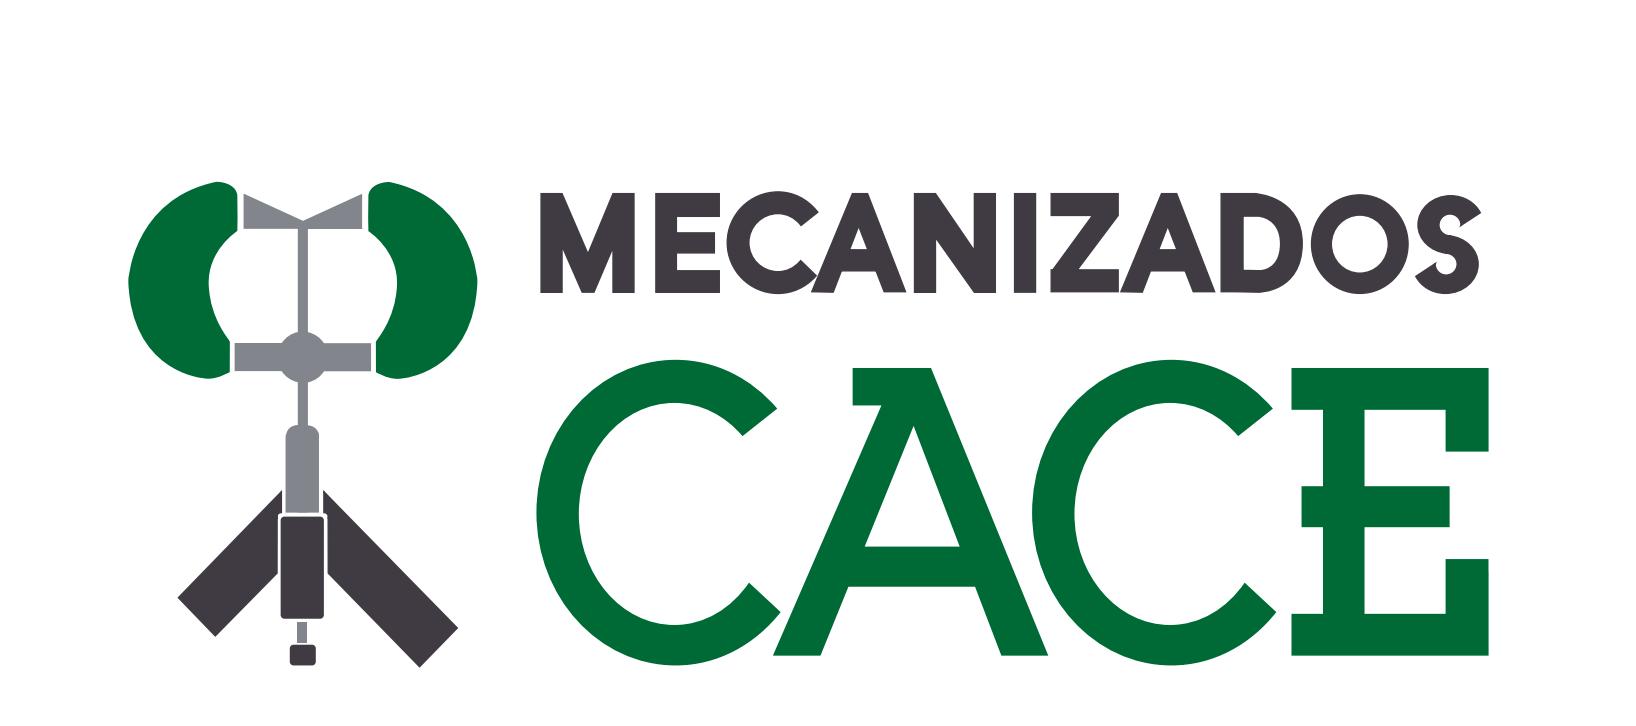 Mecanizados CACE